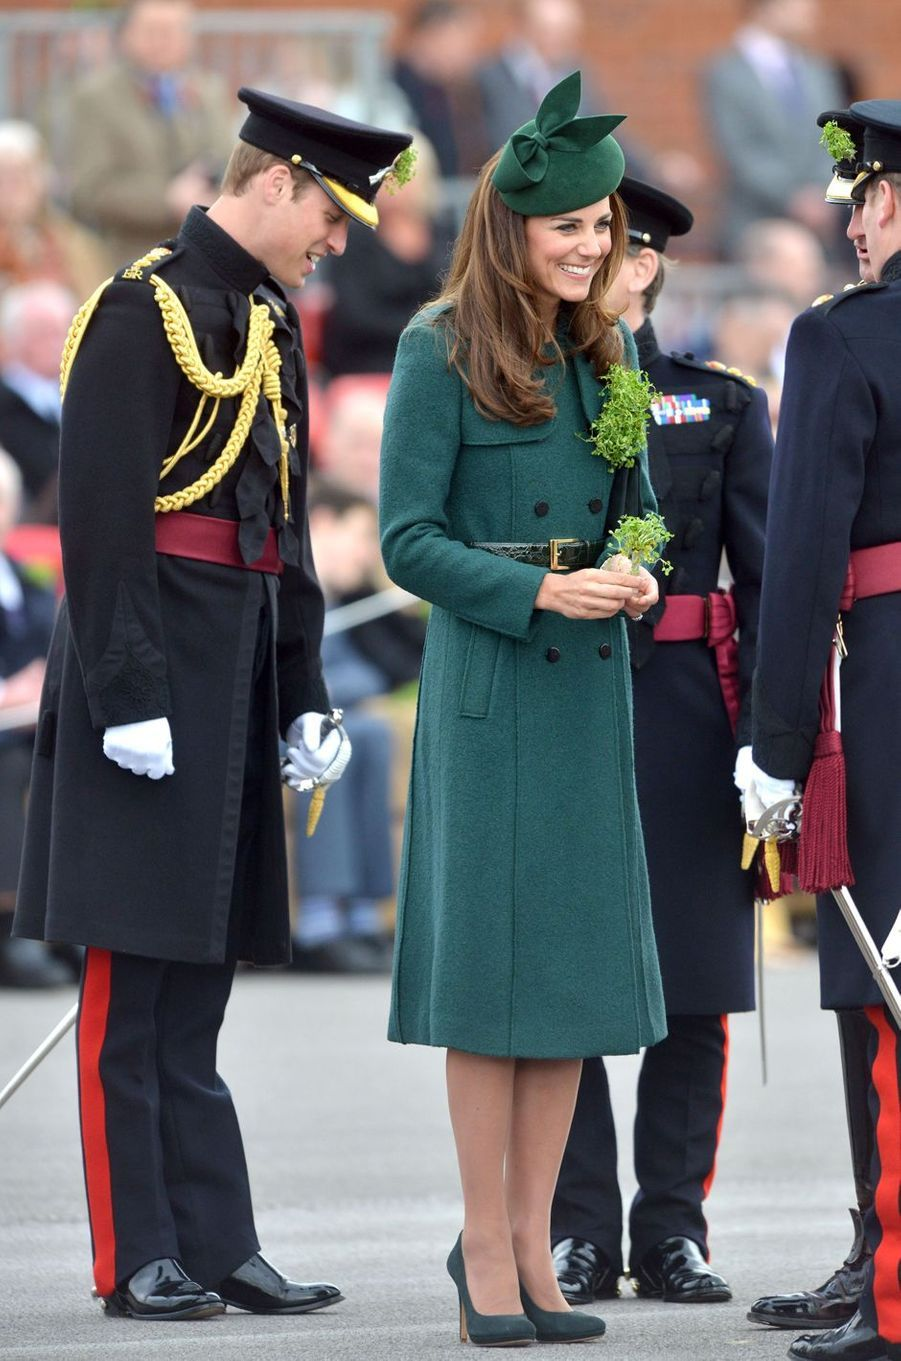 La duchesse de Cambridge, née Kate Middleton, pour la St Patrick à Aldershot, le 17 mars 2014